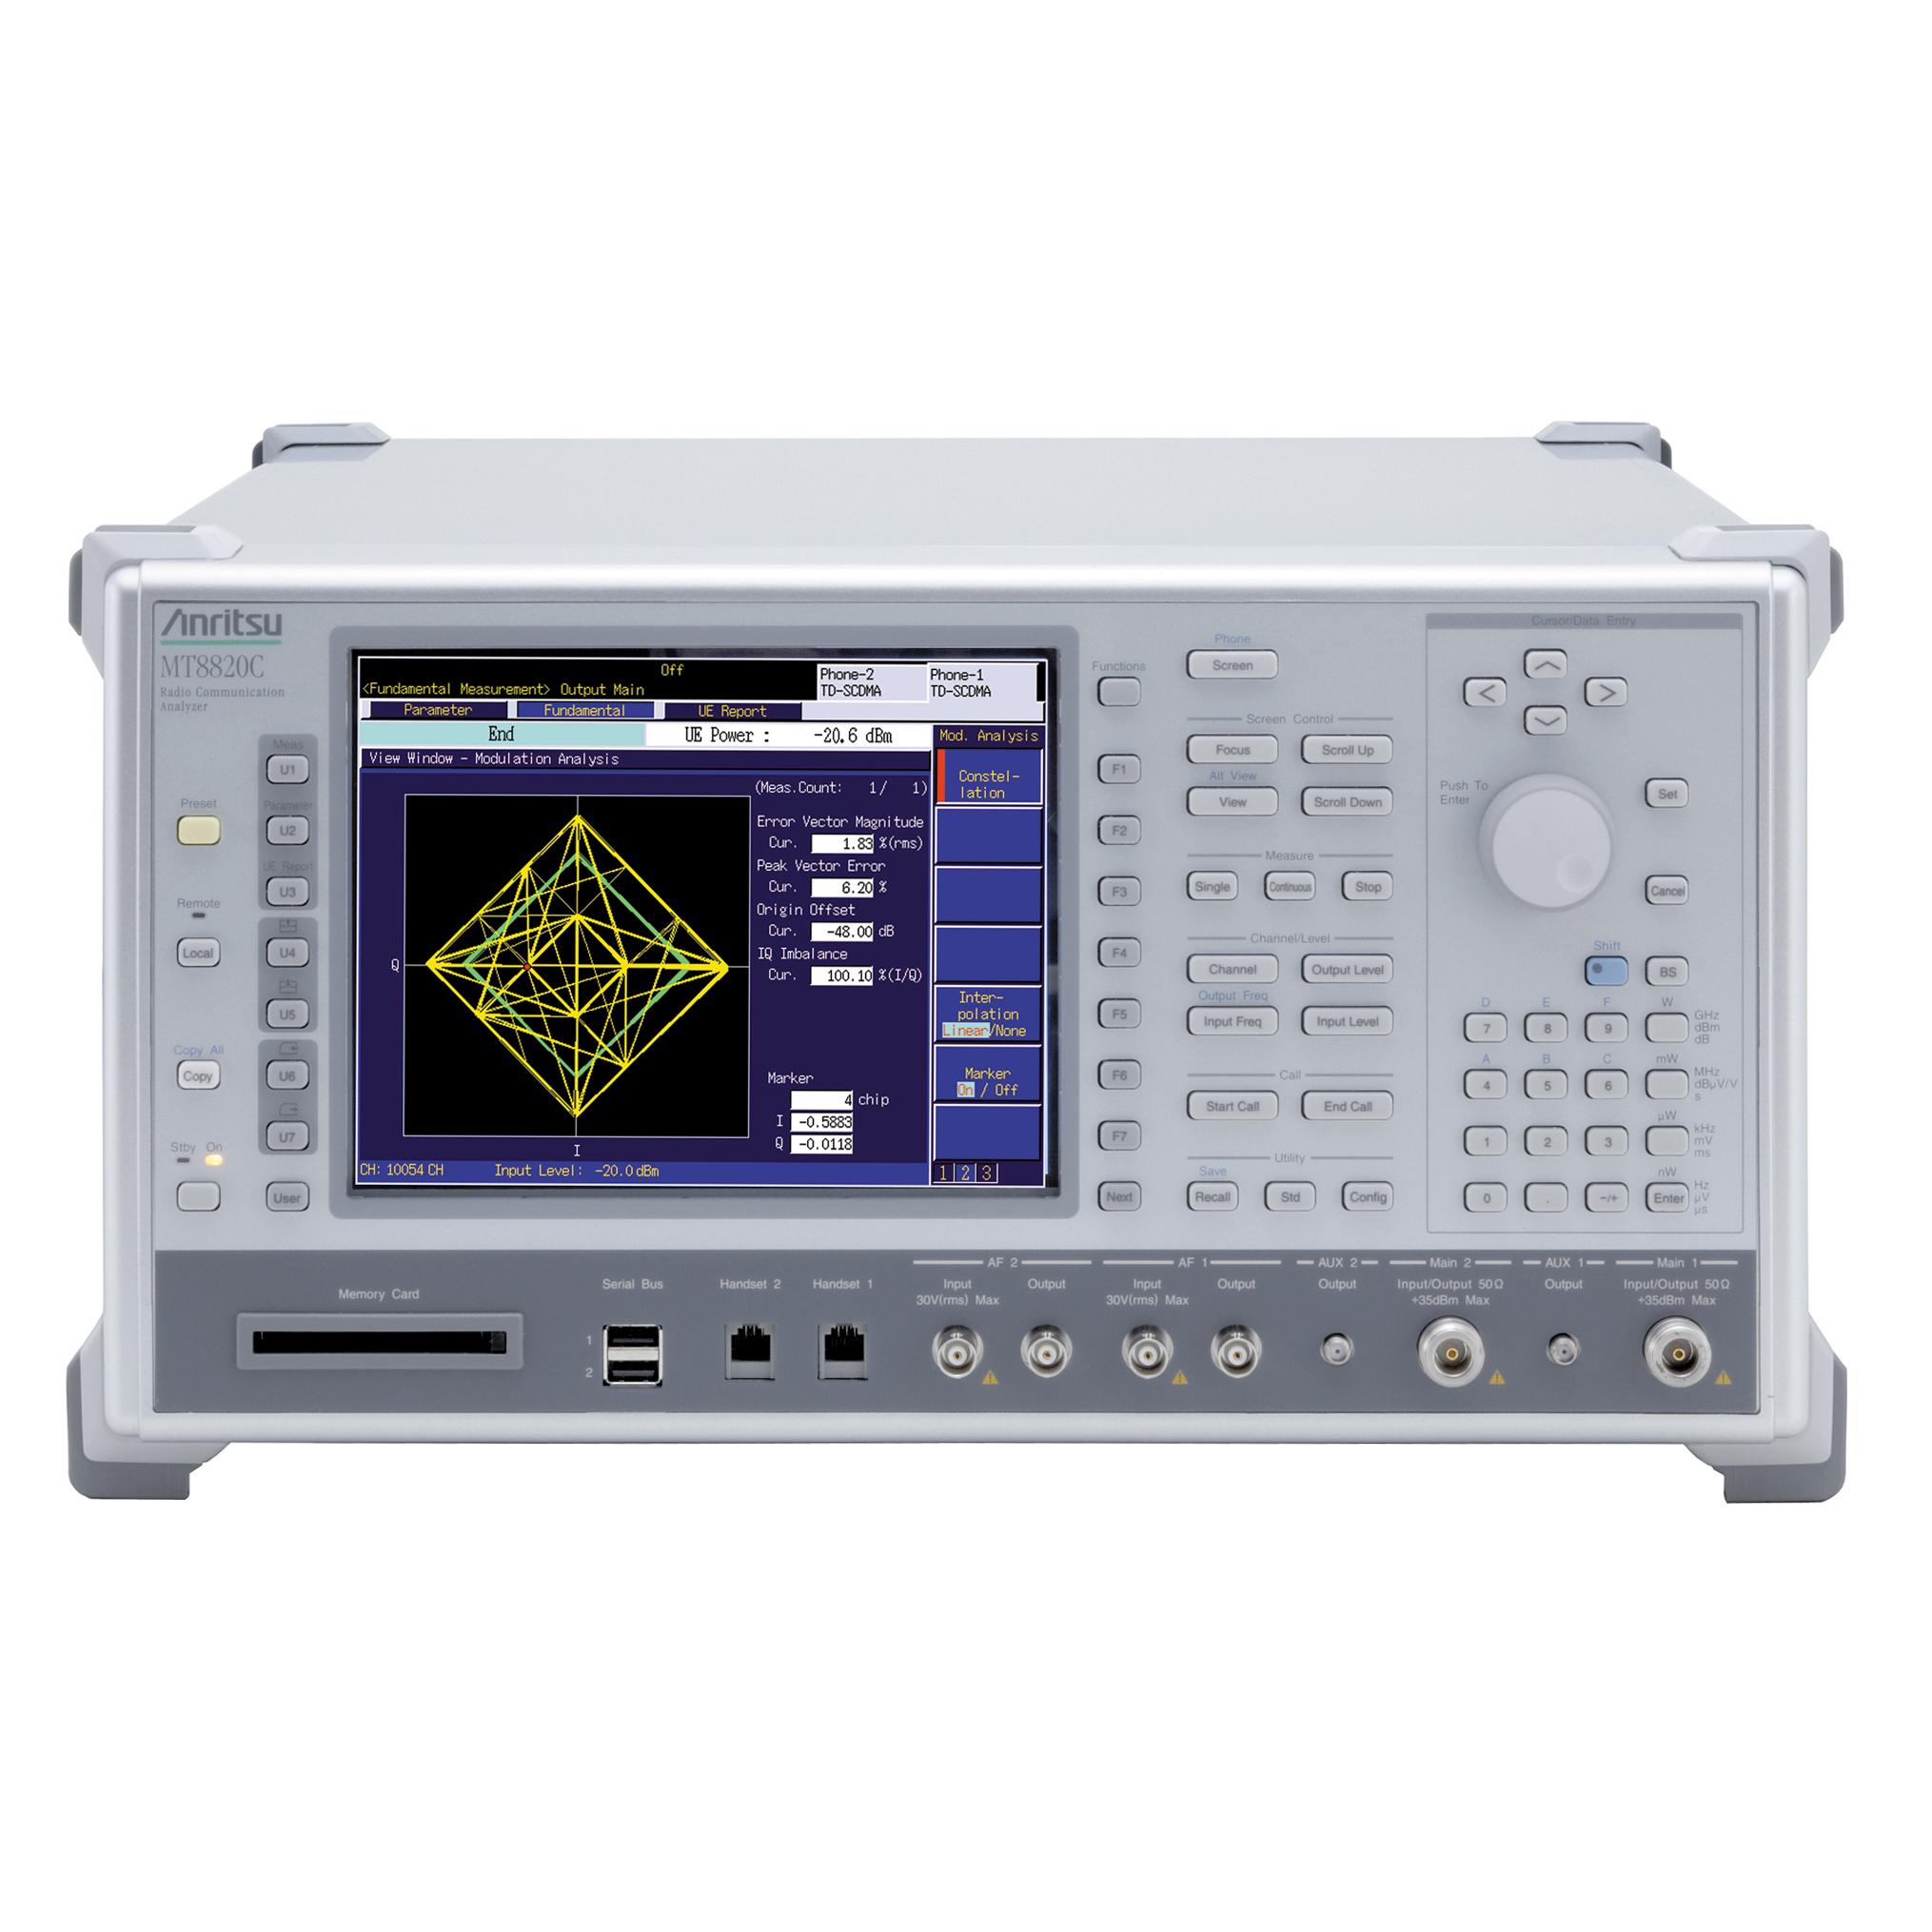 MT8820C/001×2,002×2,011,012,MX882000C-001,MX882001C-001・011・041,MX882010C,MX882050C-002・009,A0058A,MN8110B×2 ラジオコミュニケーションアナライザ